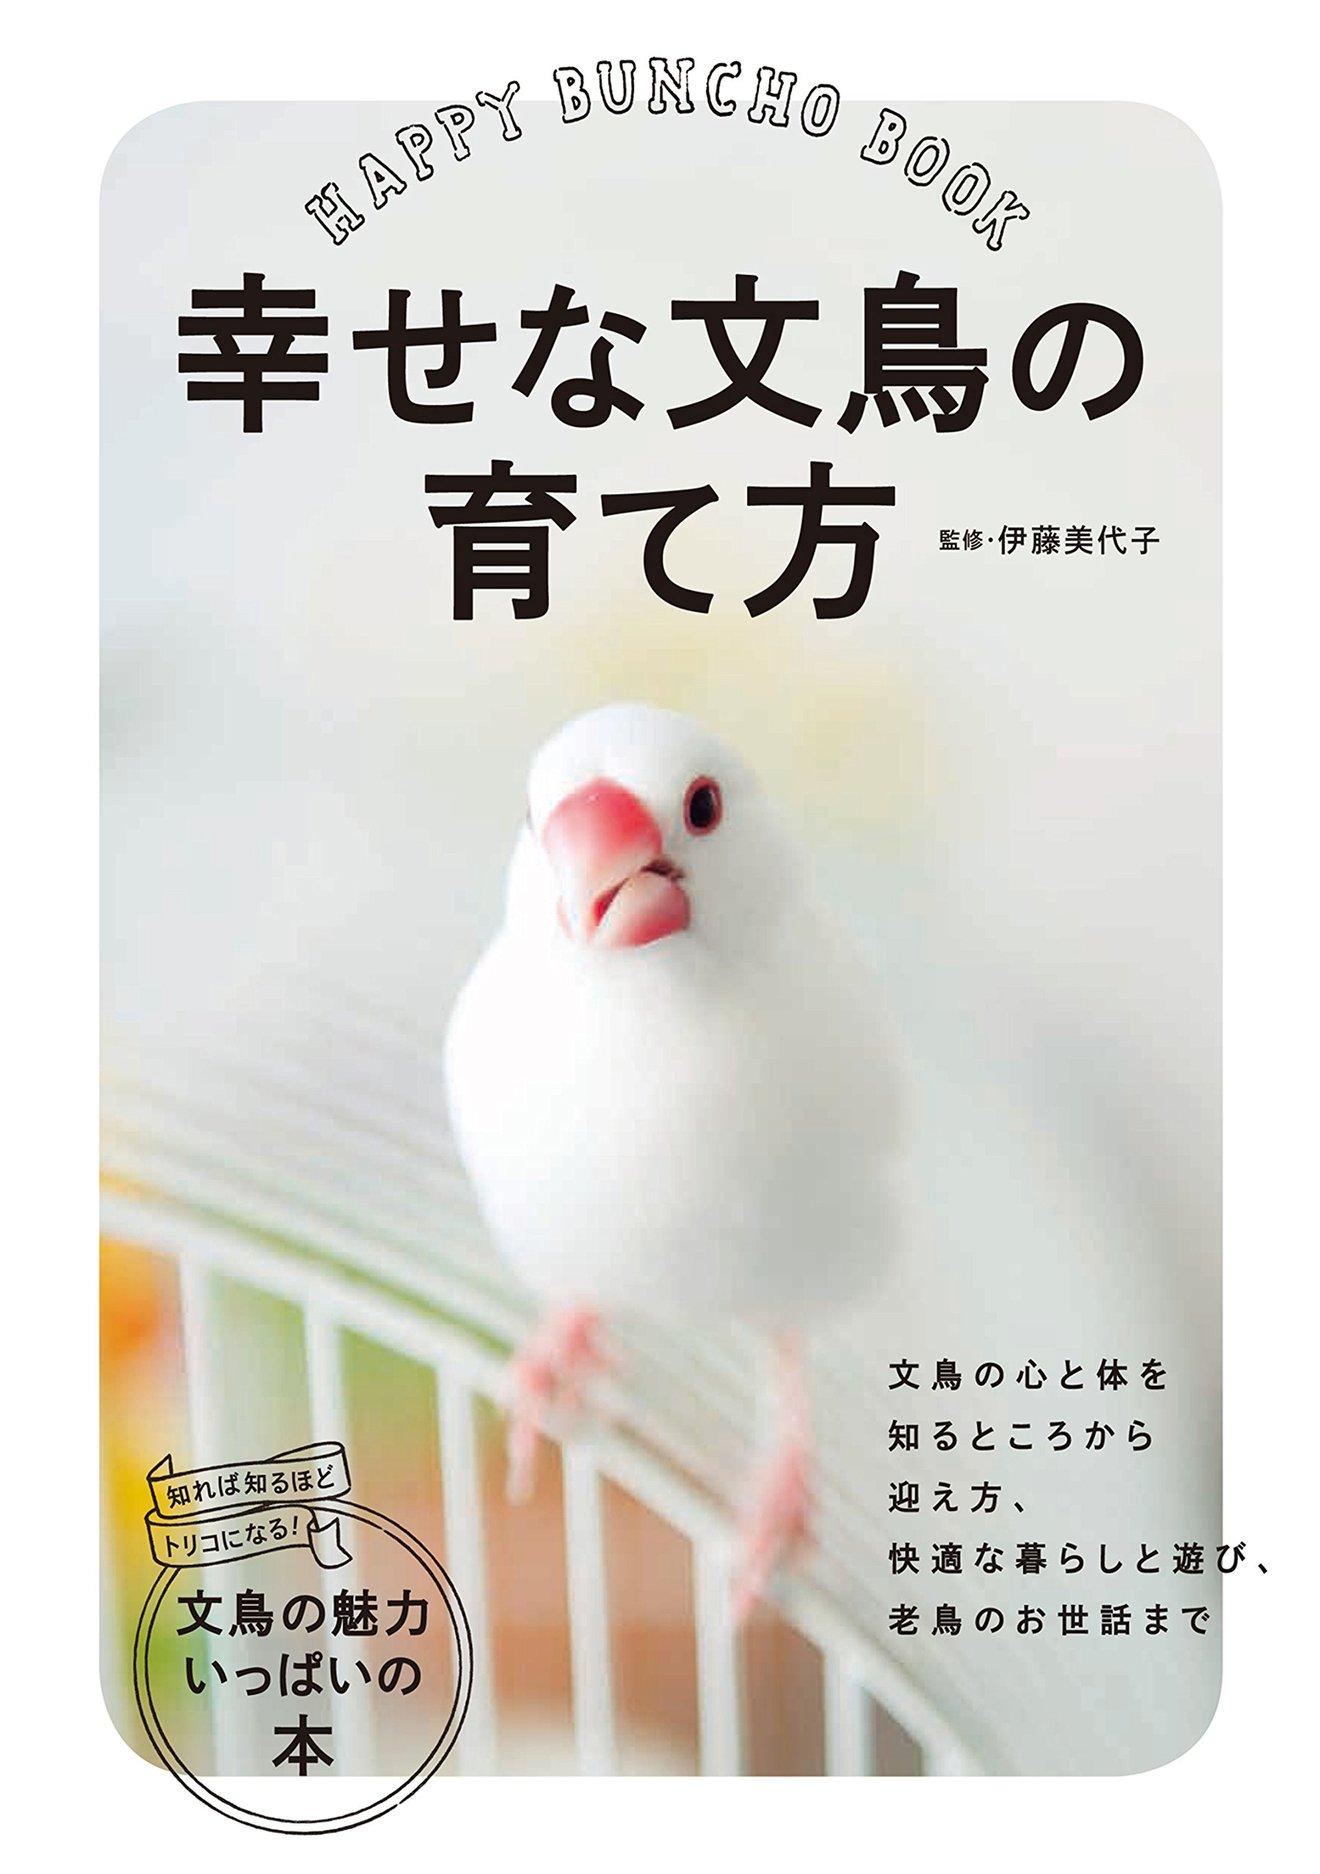 文鳥の飼育方法を簡潔にご紹介!基本、注意点、おすすめ本など